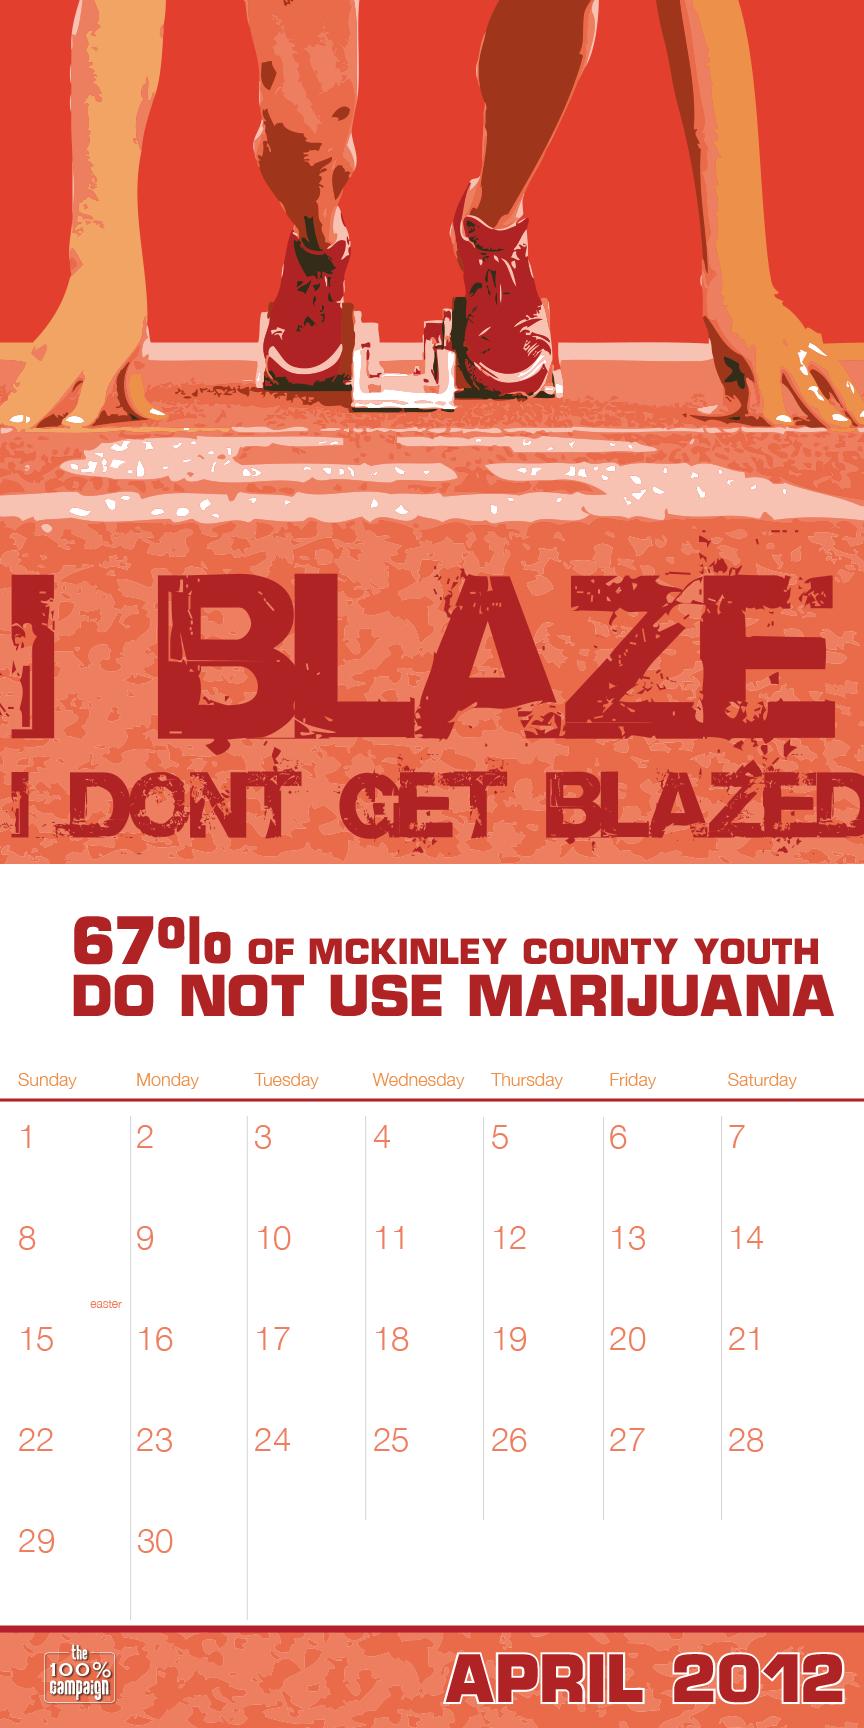 I Blaze Spread